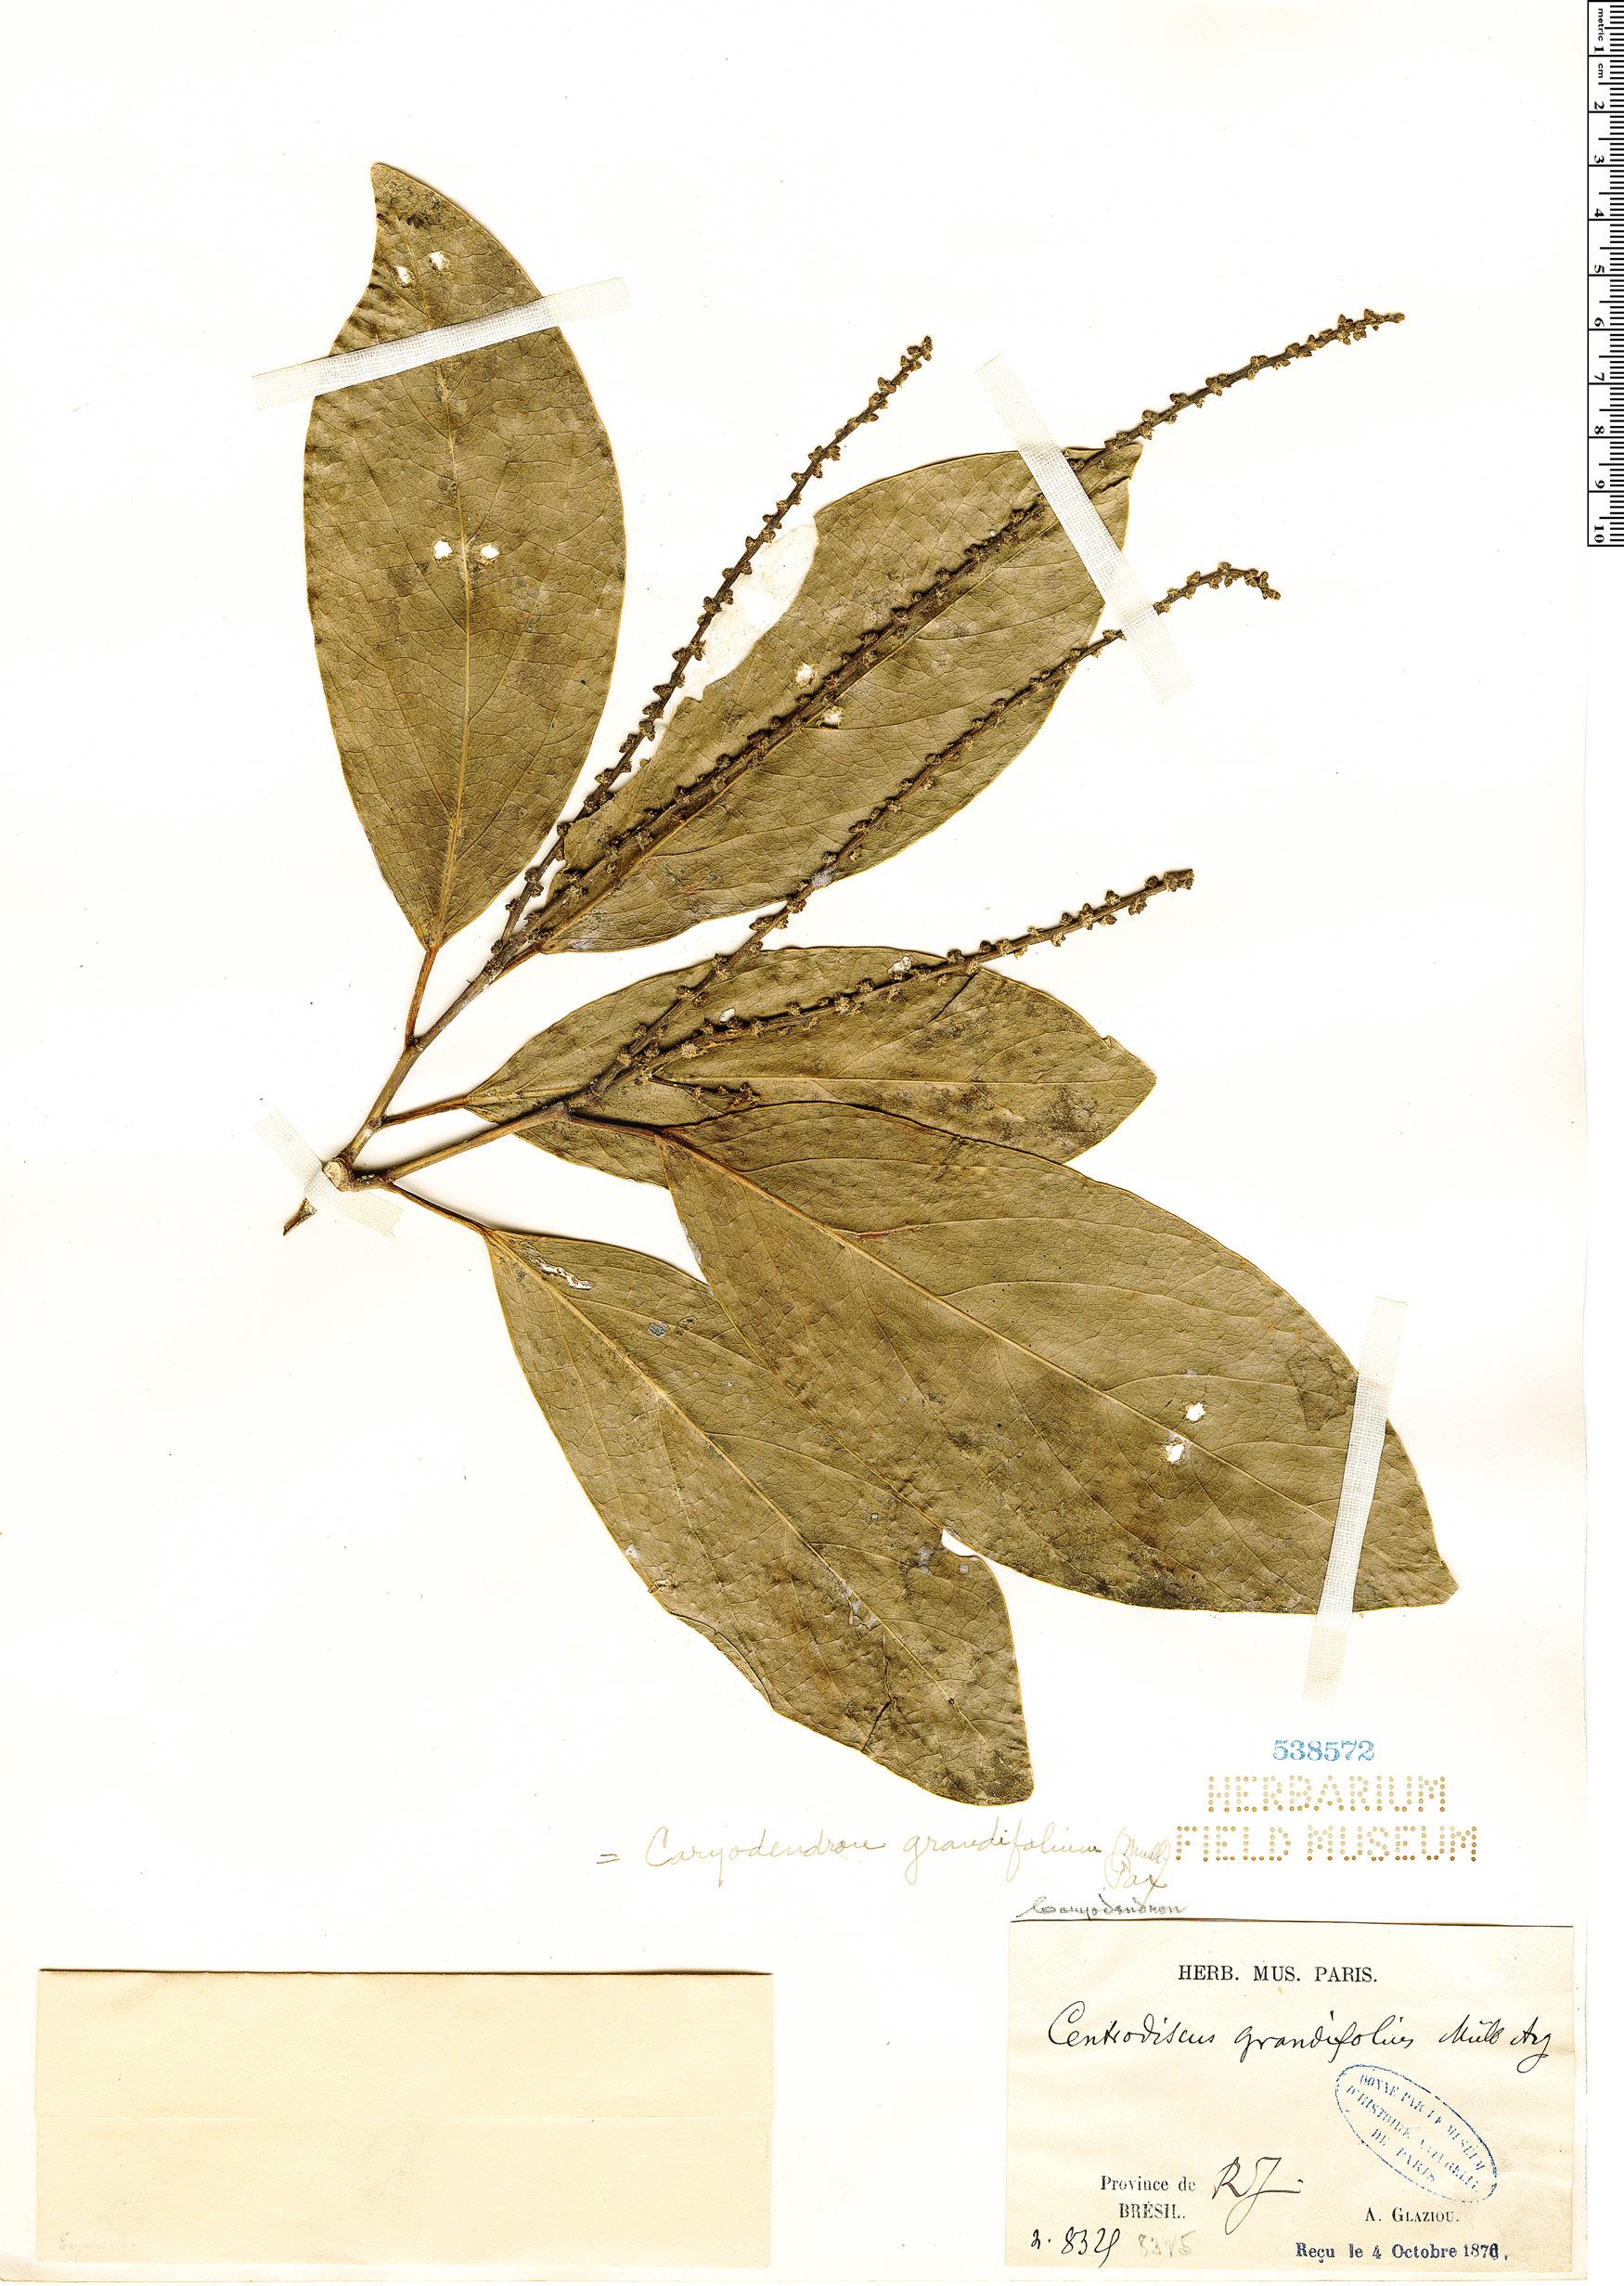 Specimen: Caryodendron grandifolium